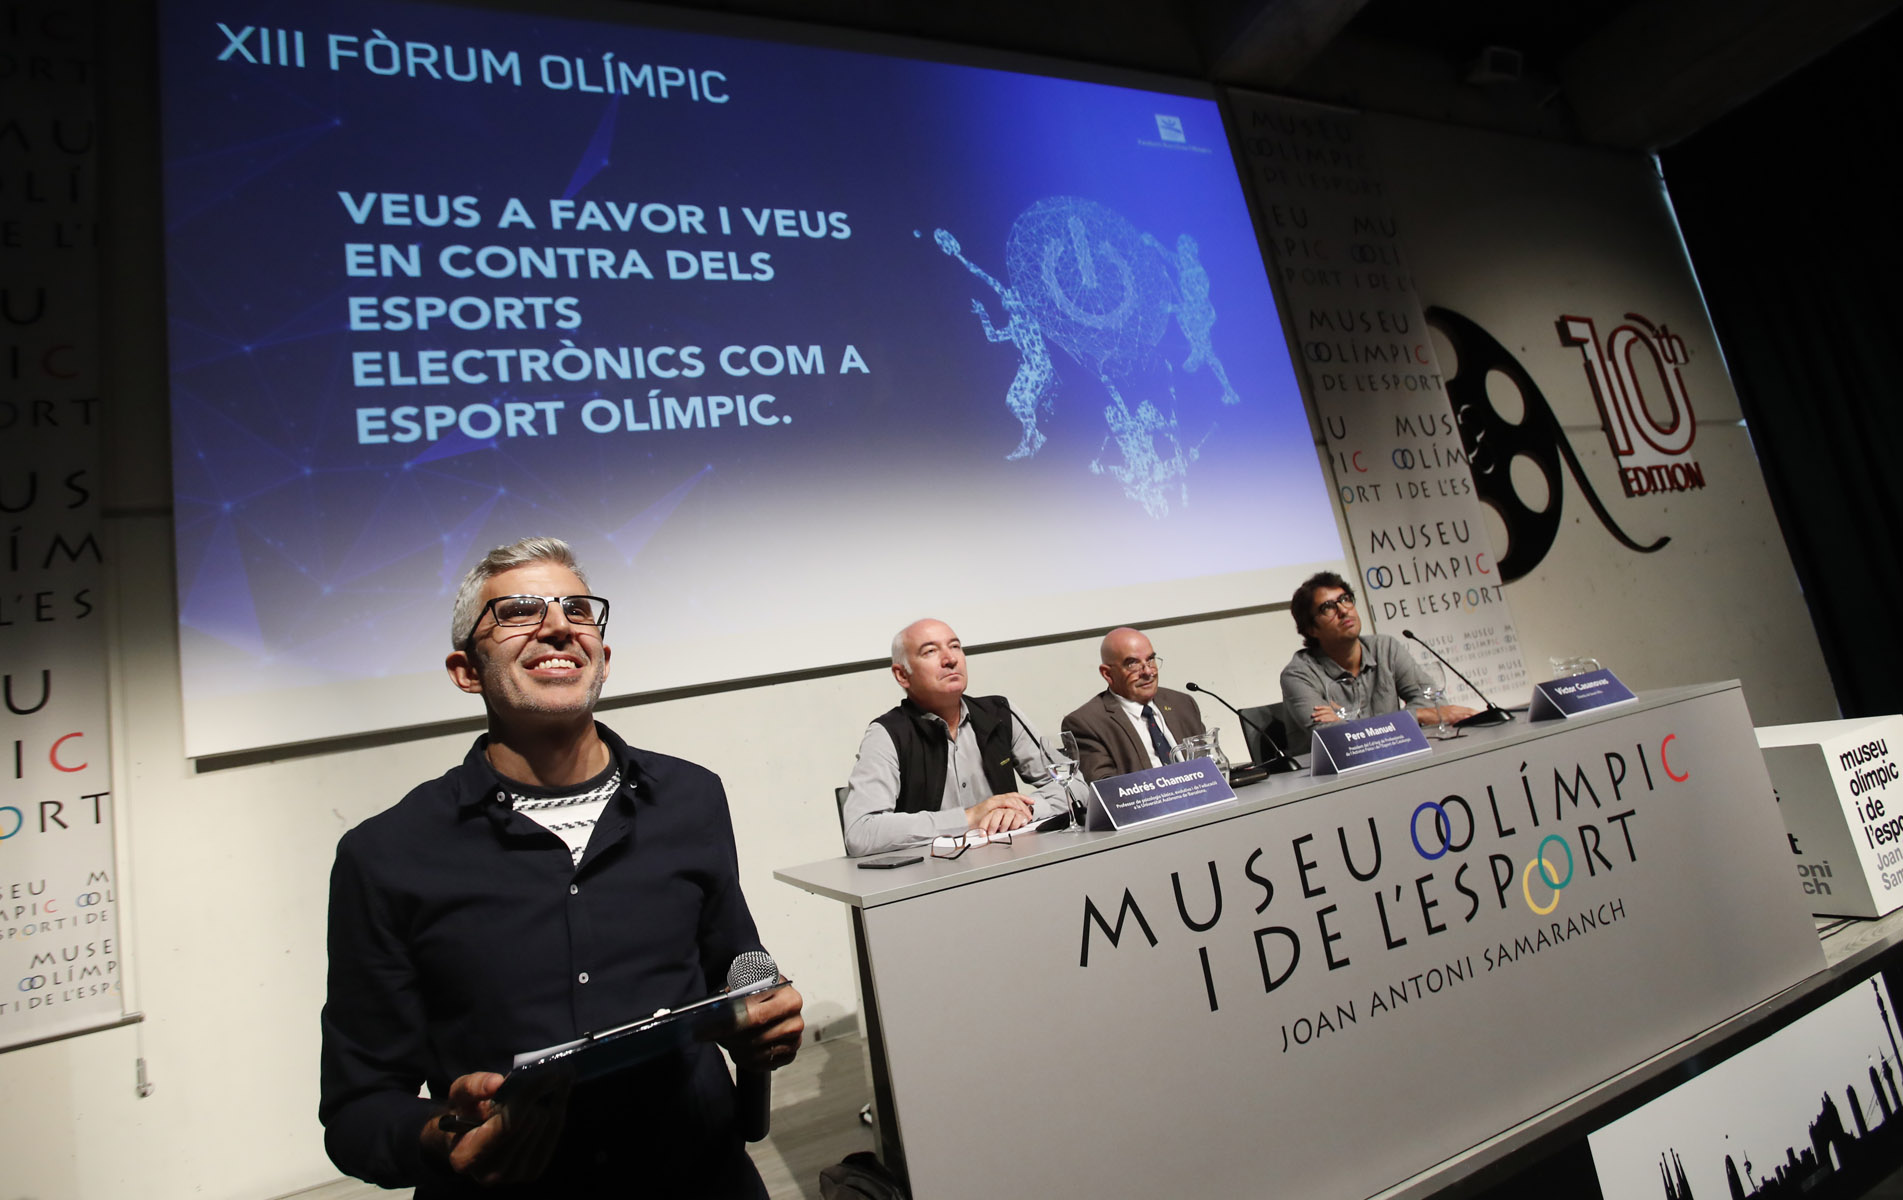 Forum Olimpic17